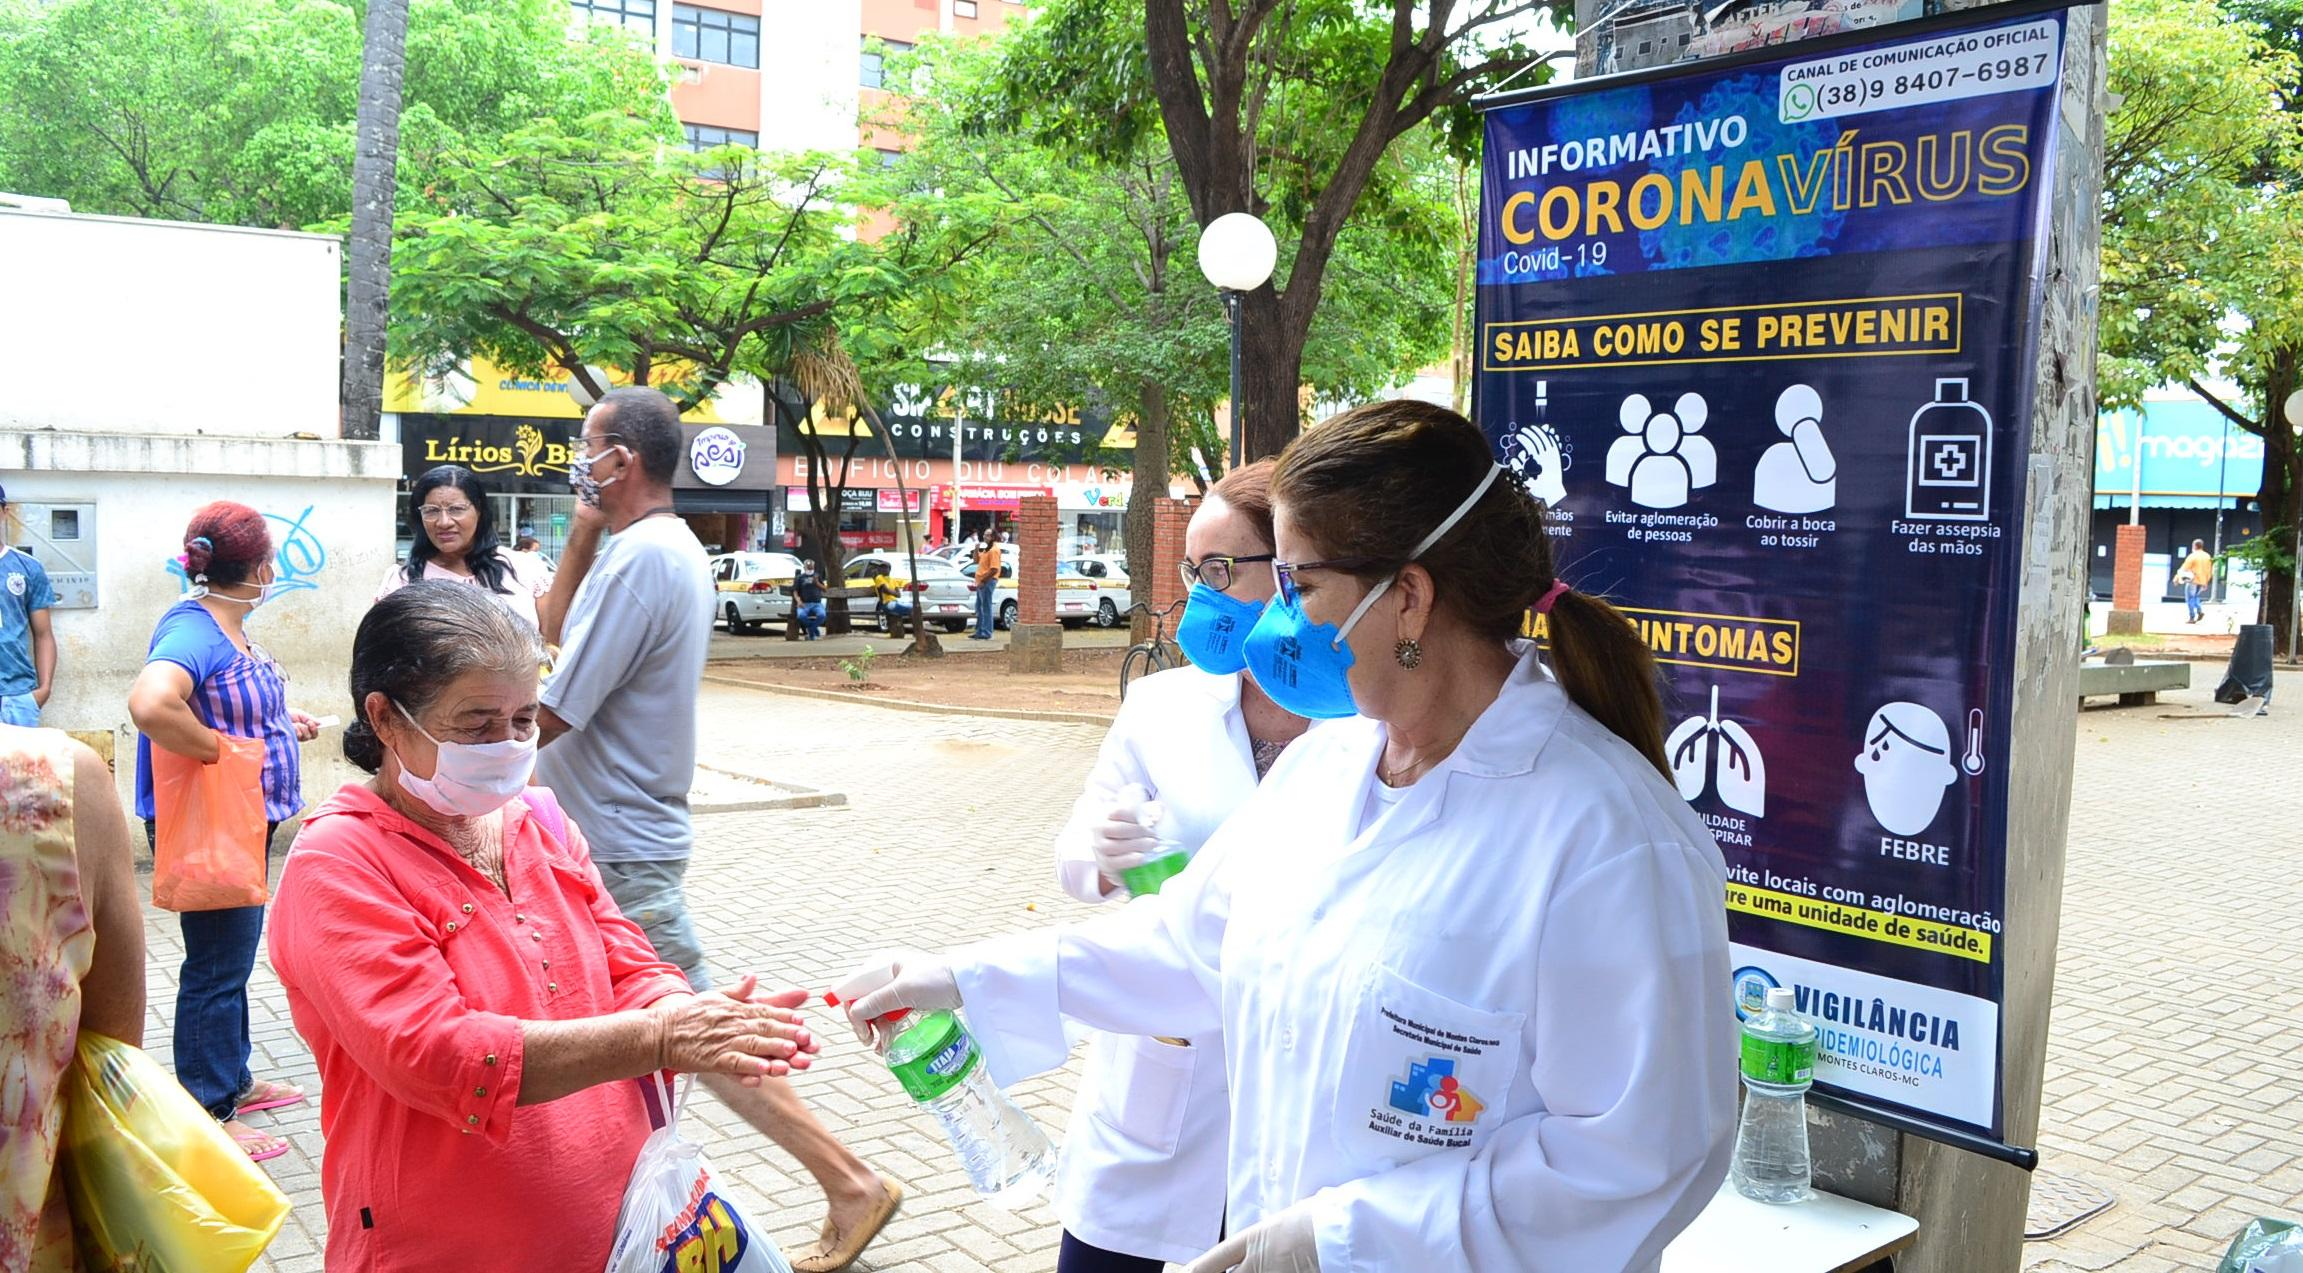 Imagem de destaque COVID-19 -  Prefeitura disponibiliza álcool gratuitamente para a população